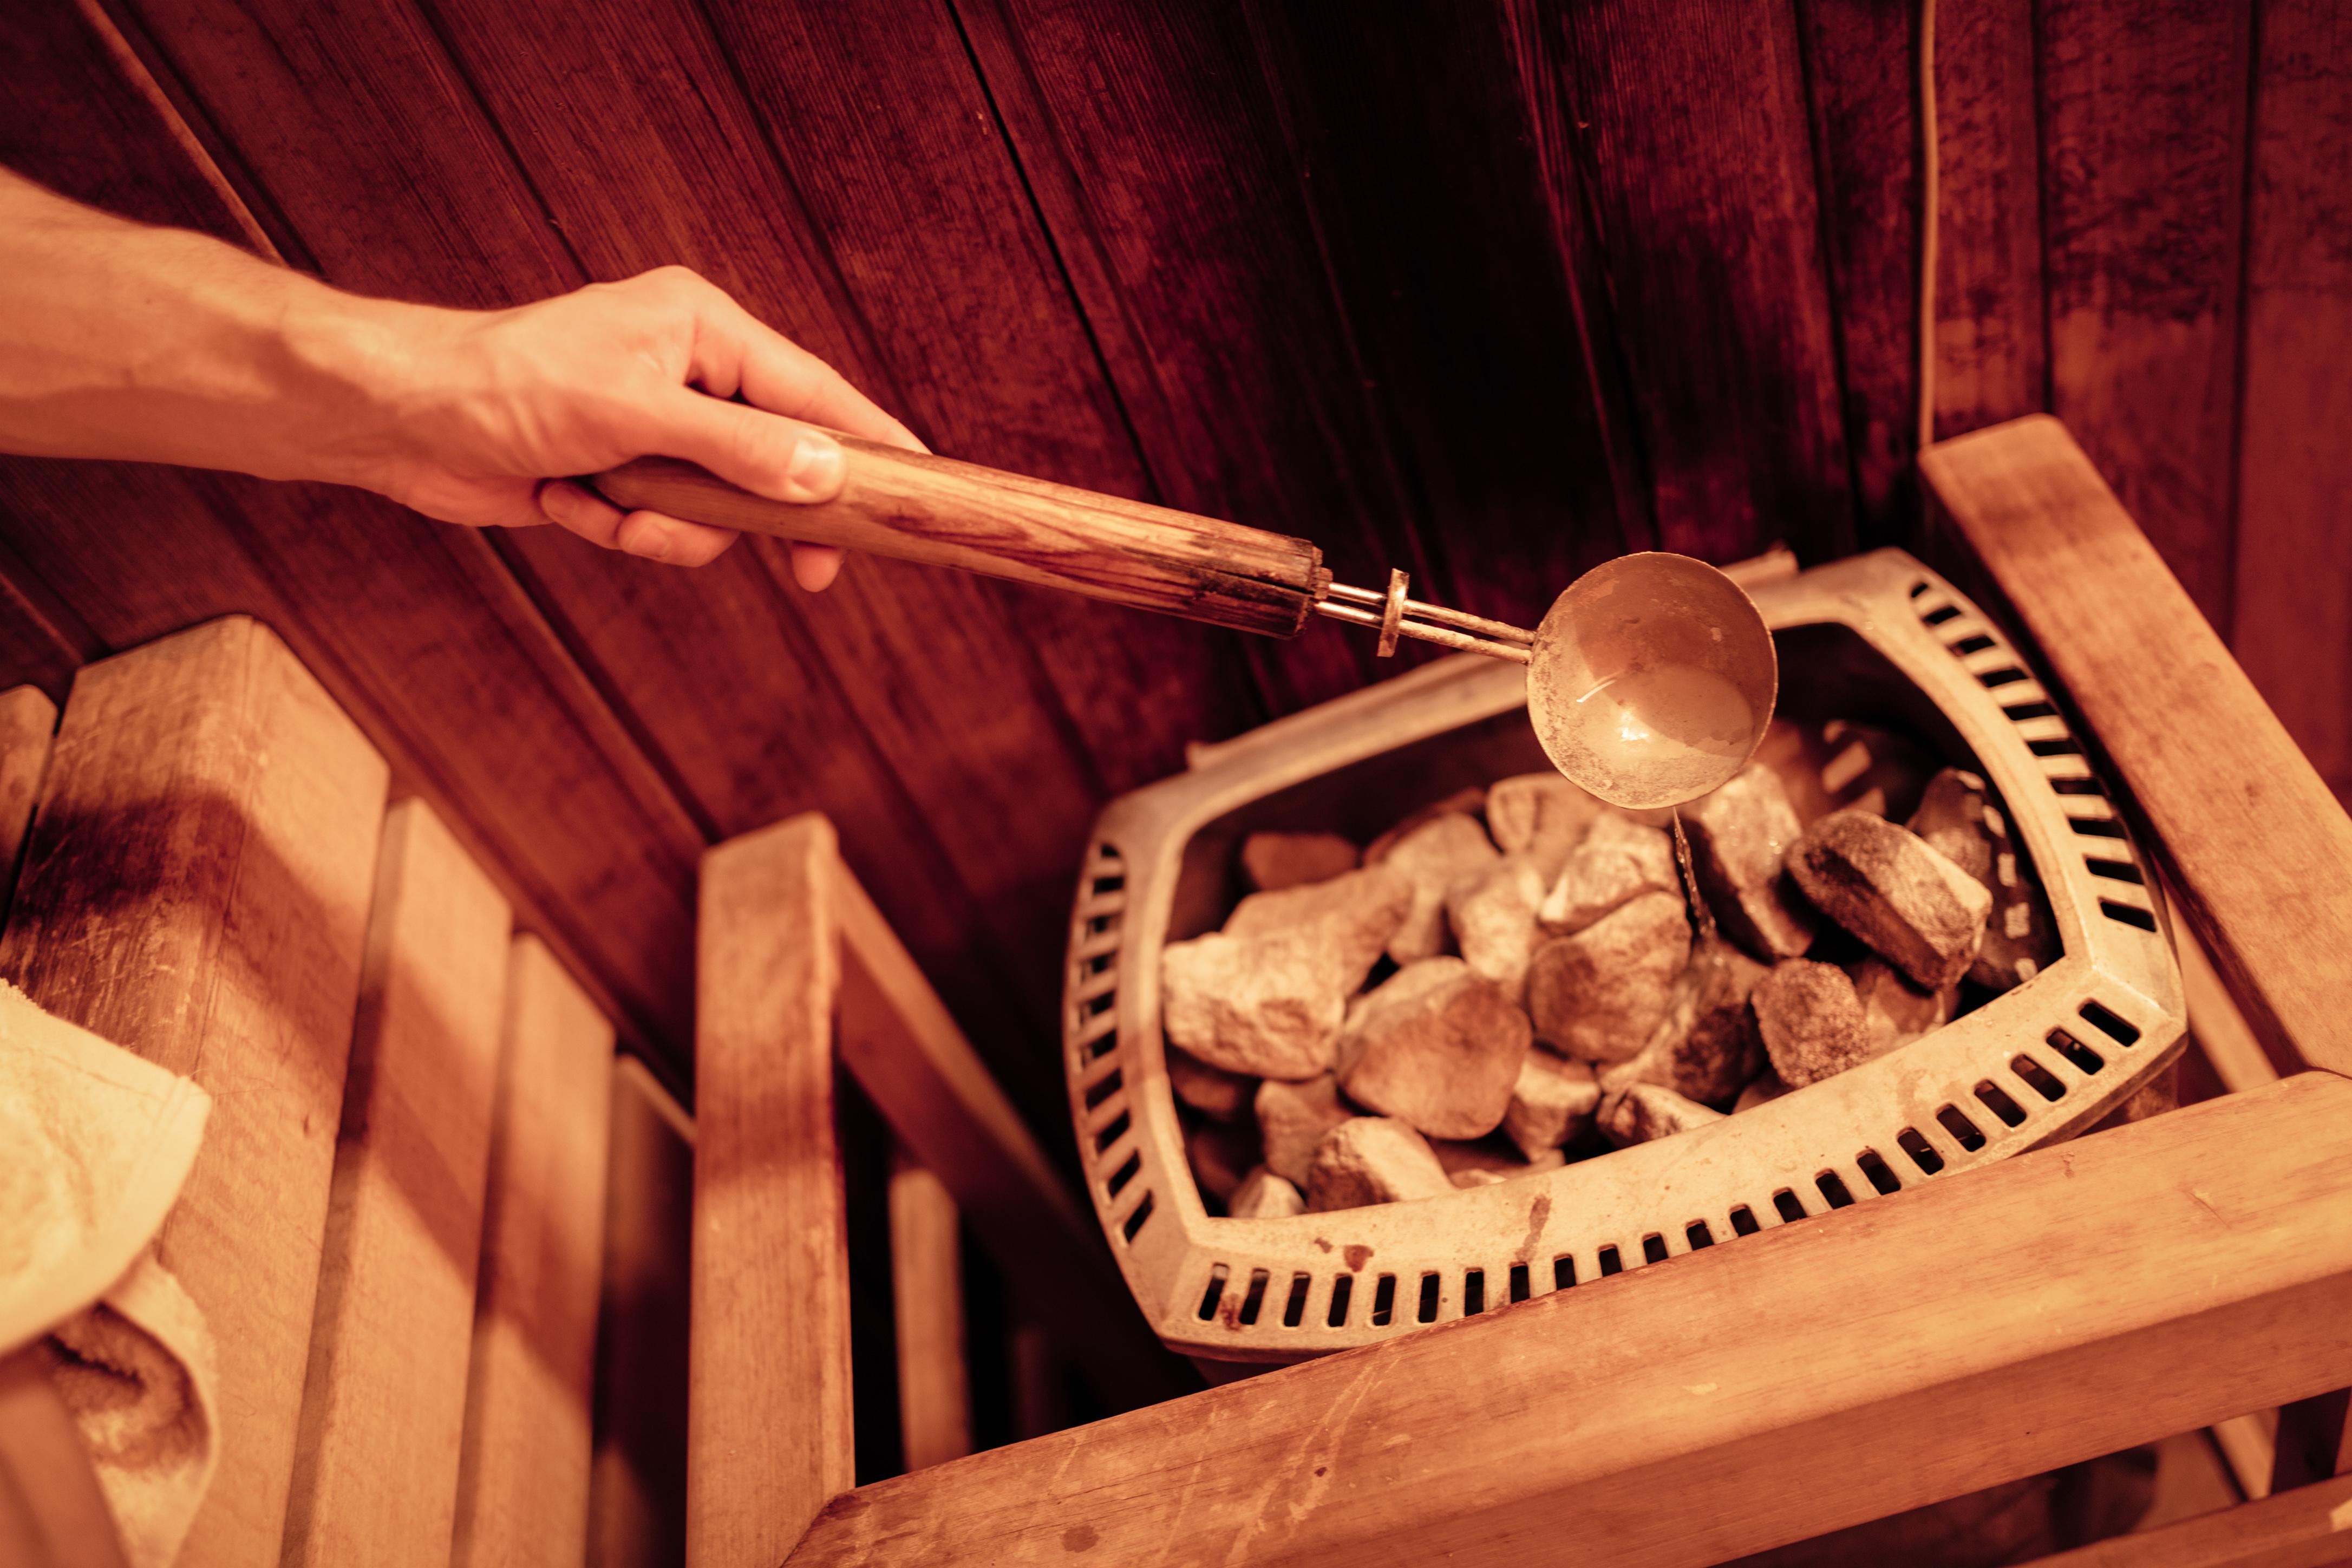 Zambúllete en una sauna finlandesa original - Polonia Circuito Polonia al Completo y el Báltico